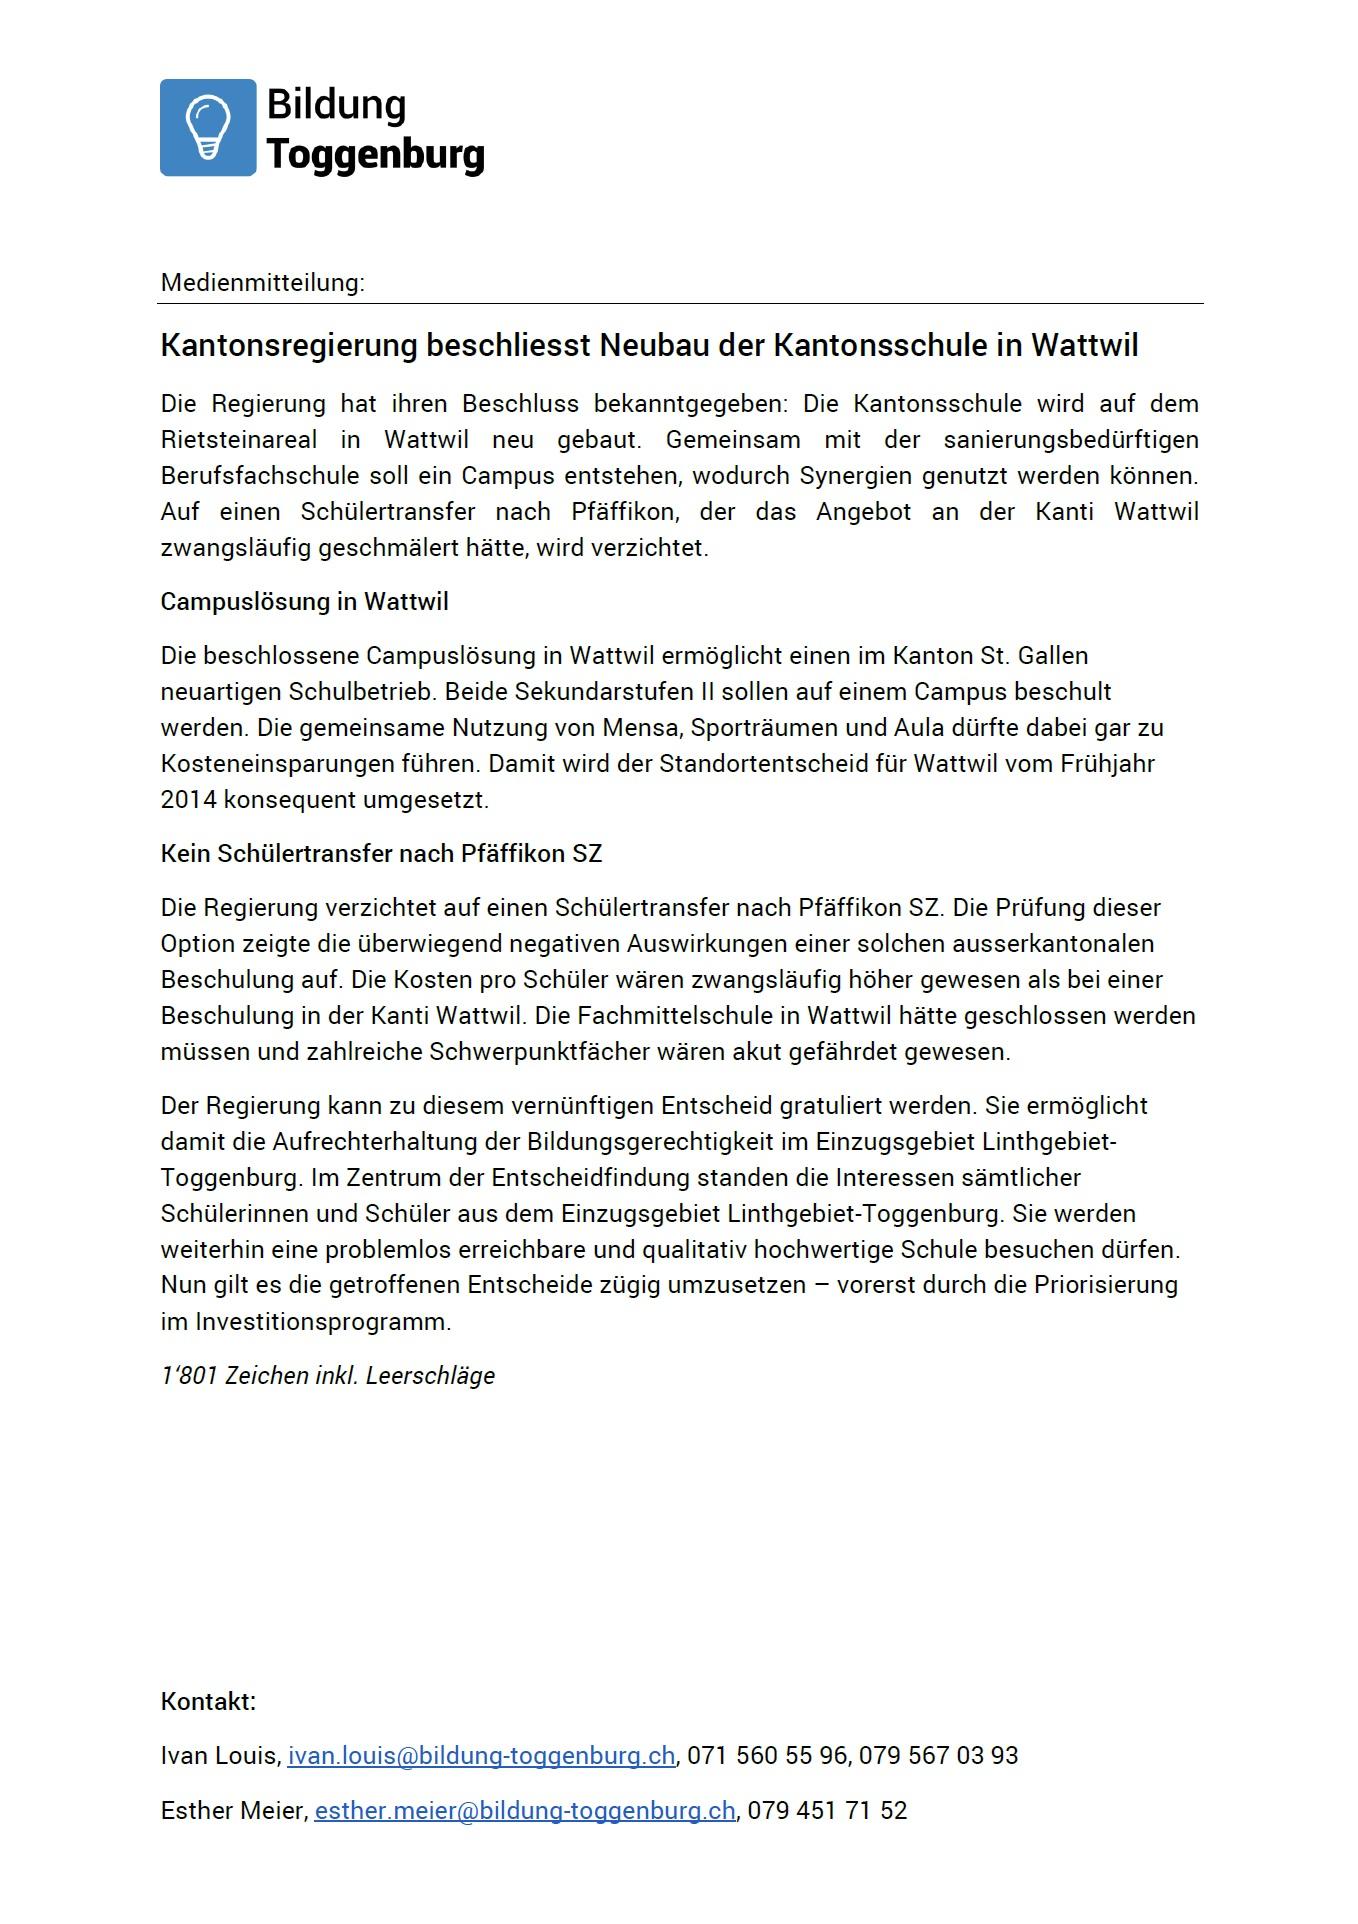 Medienmitteilung: Neubau der Kantonsschule in Wattwil (Montag, 30.03.2015)